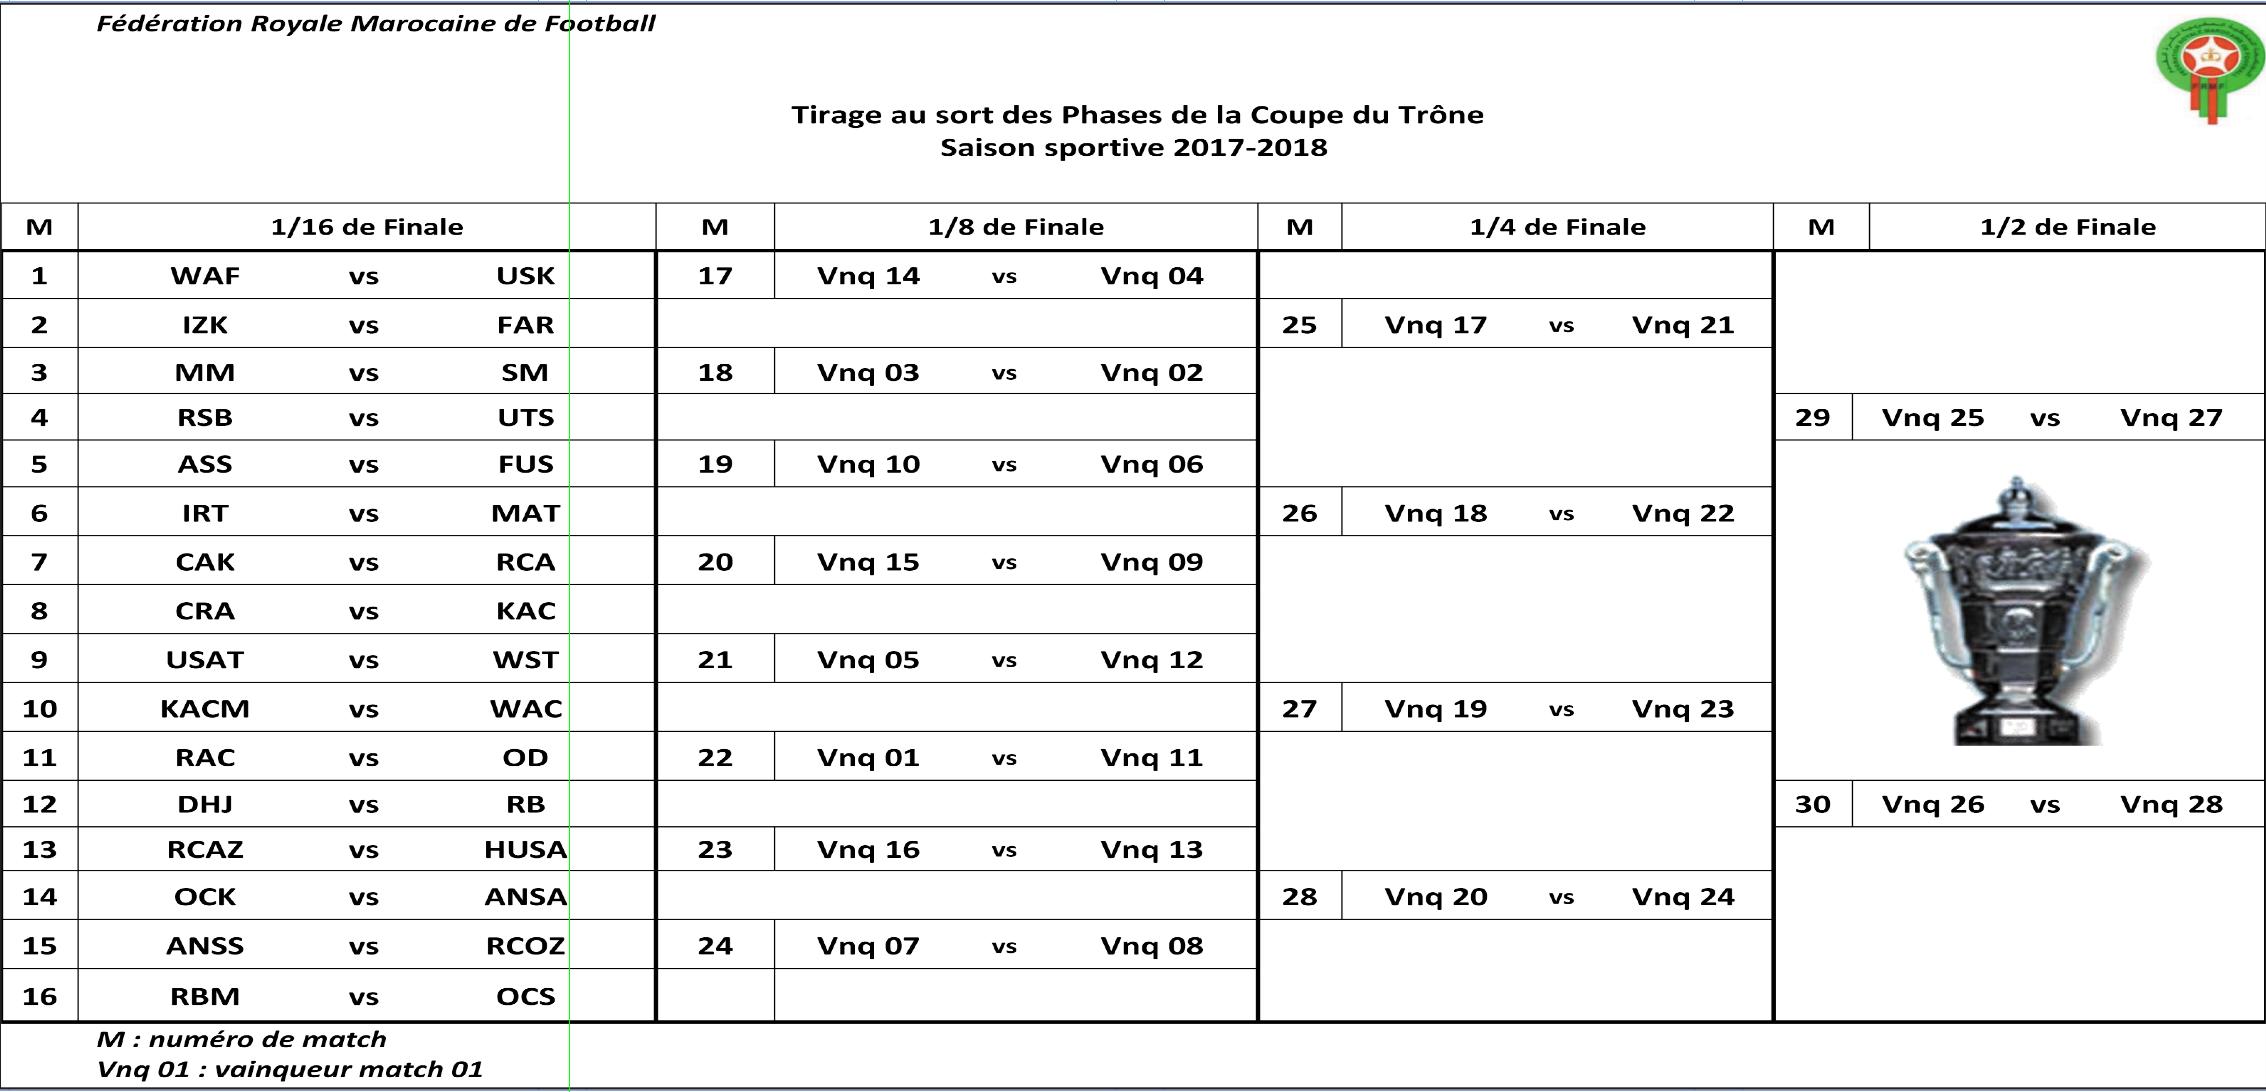 Calendriers des championnats D1 et D2